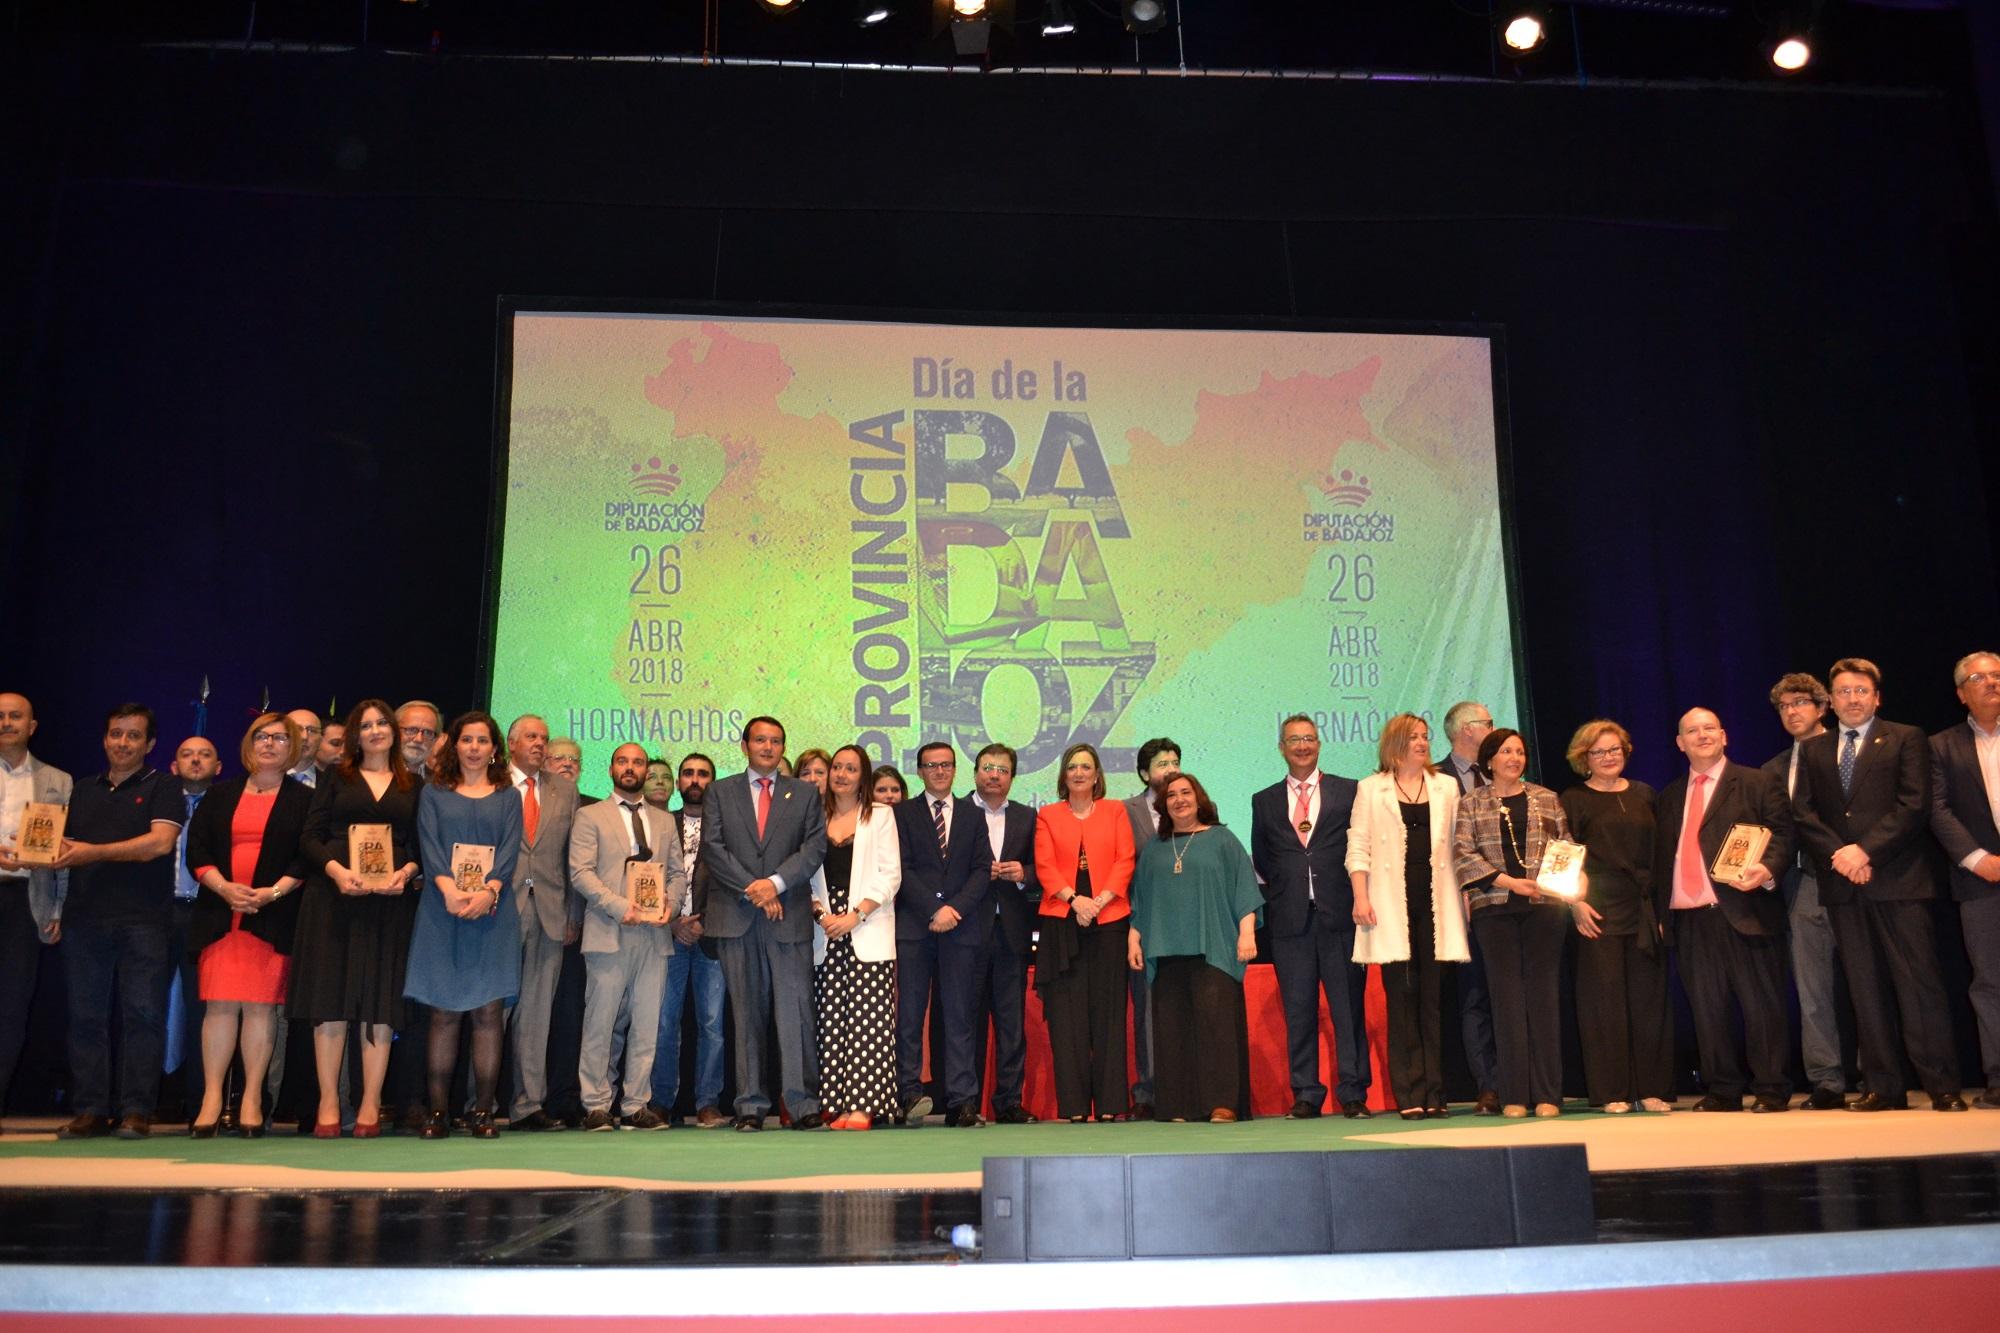 Rodríguez Ibarra, Inocencia Cabezas y Atanasio Naranjo, Medallas de Oro en el primer Día de la Provincia de Badajoz, celebrado en Hornachos